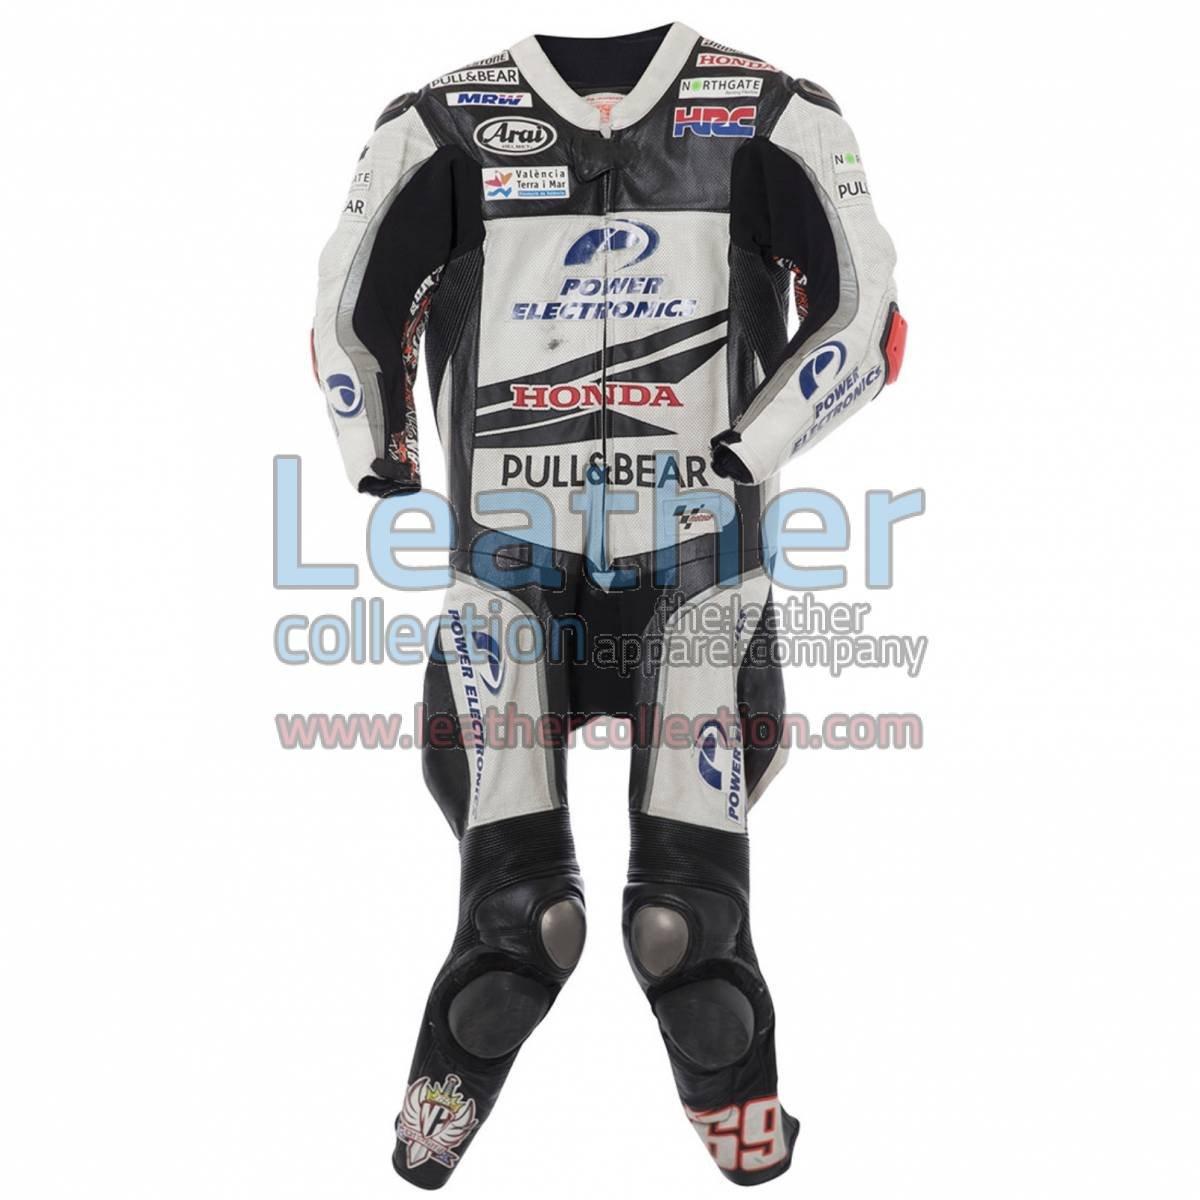 Nicky Hayden Honda MotoGP 2015 Race Suit